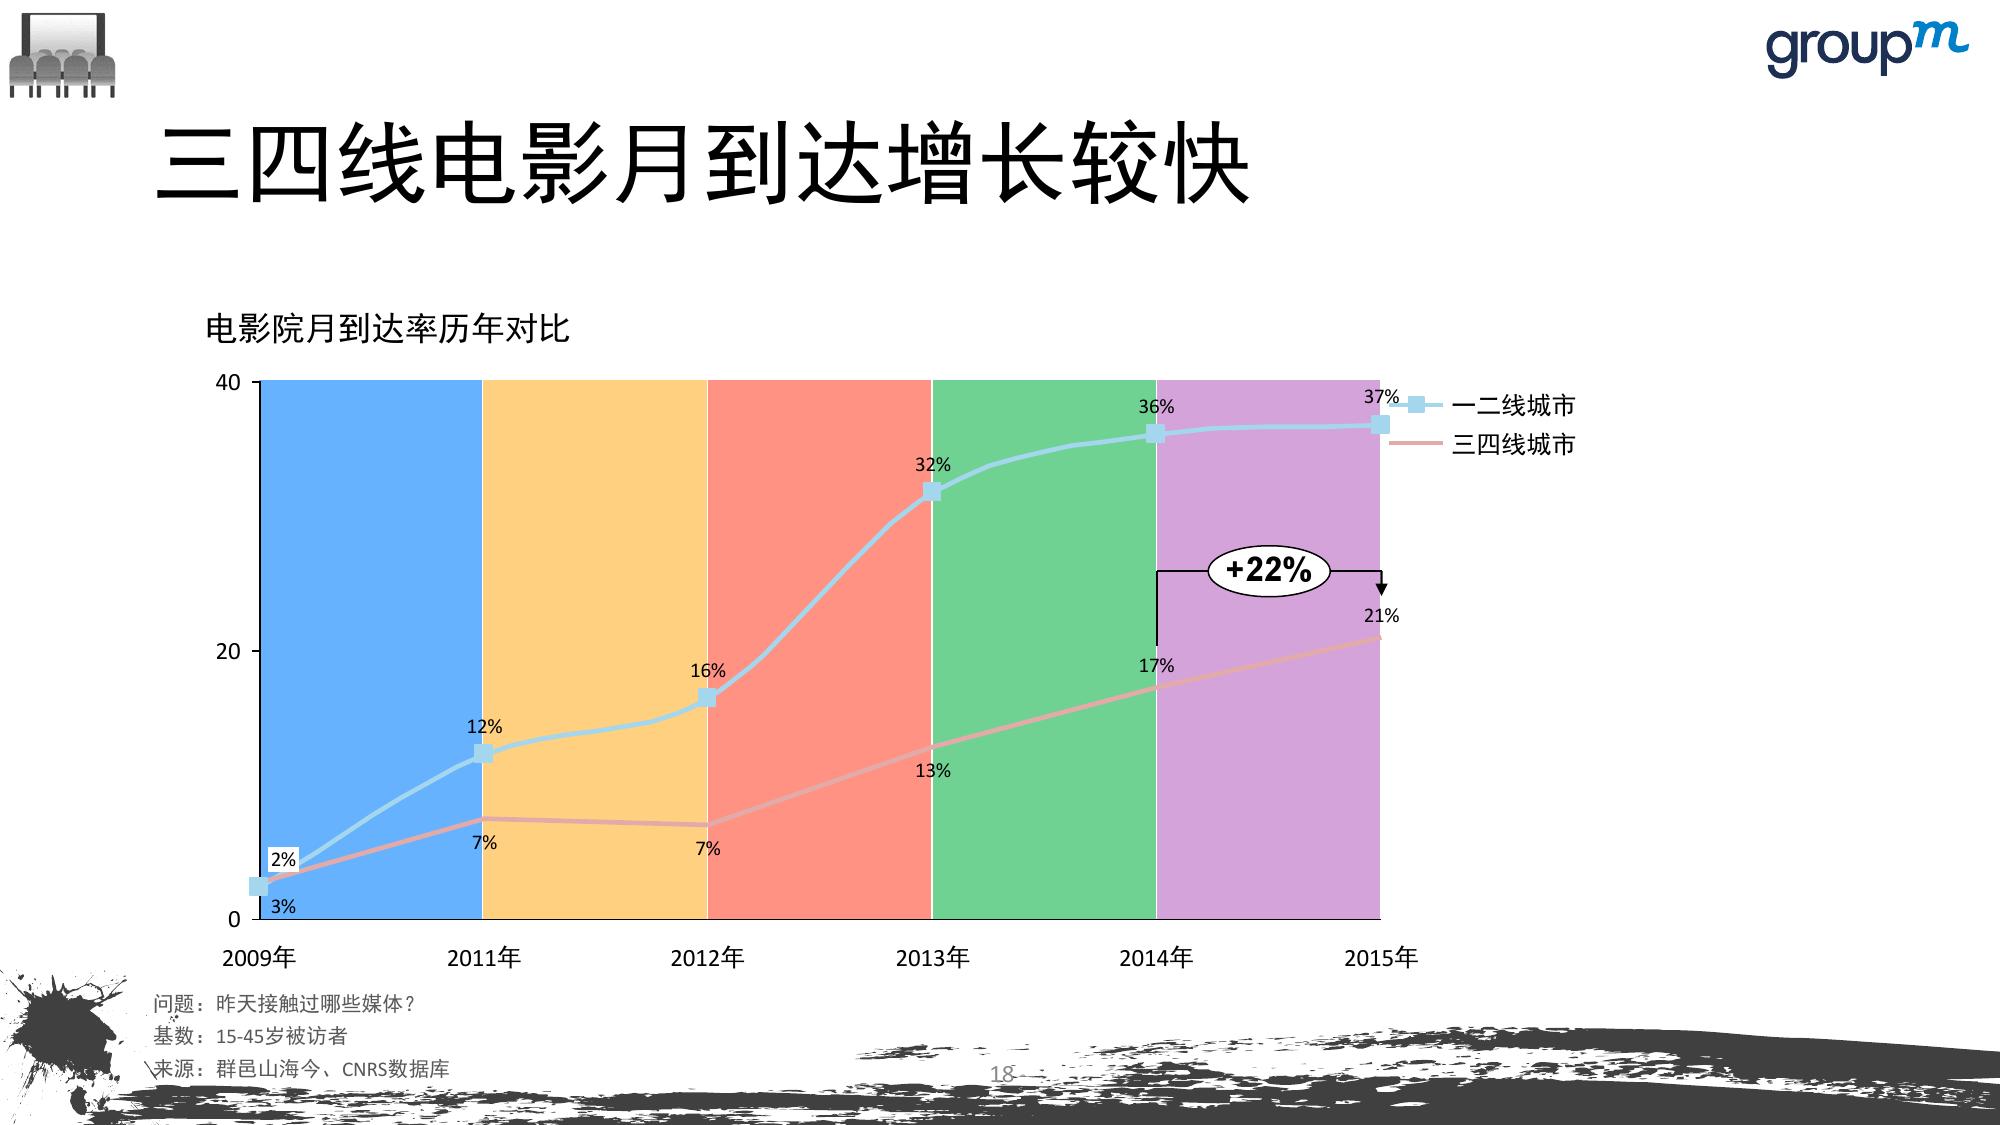 山海今2015中国媒介趋势报告_000018